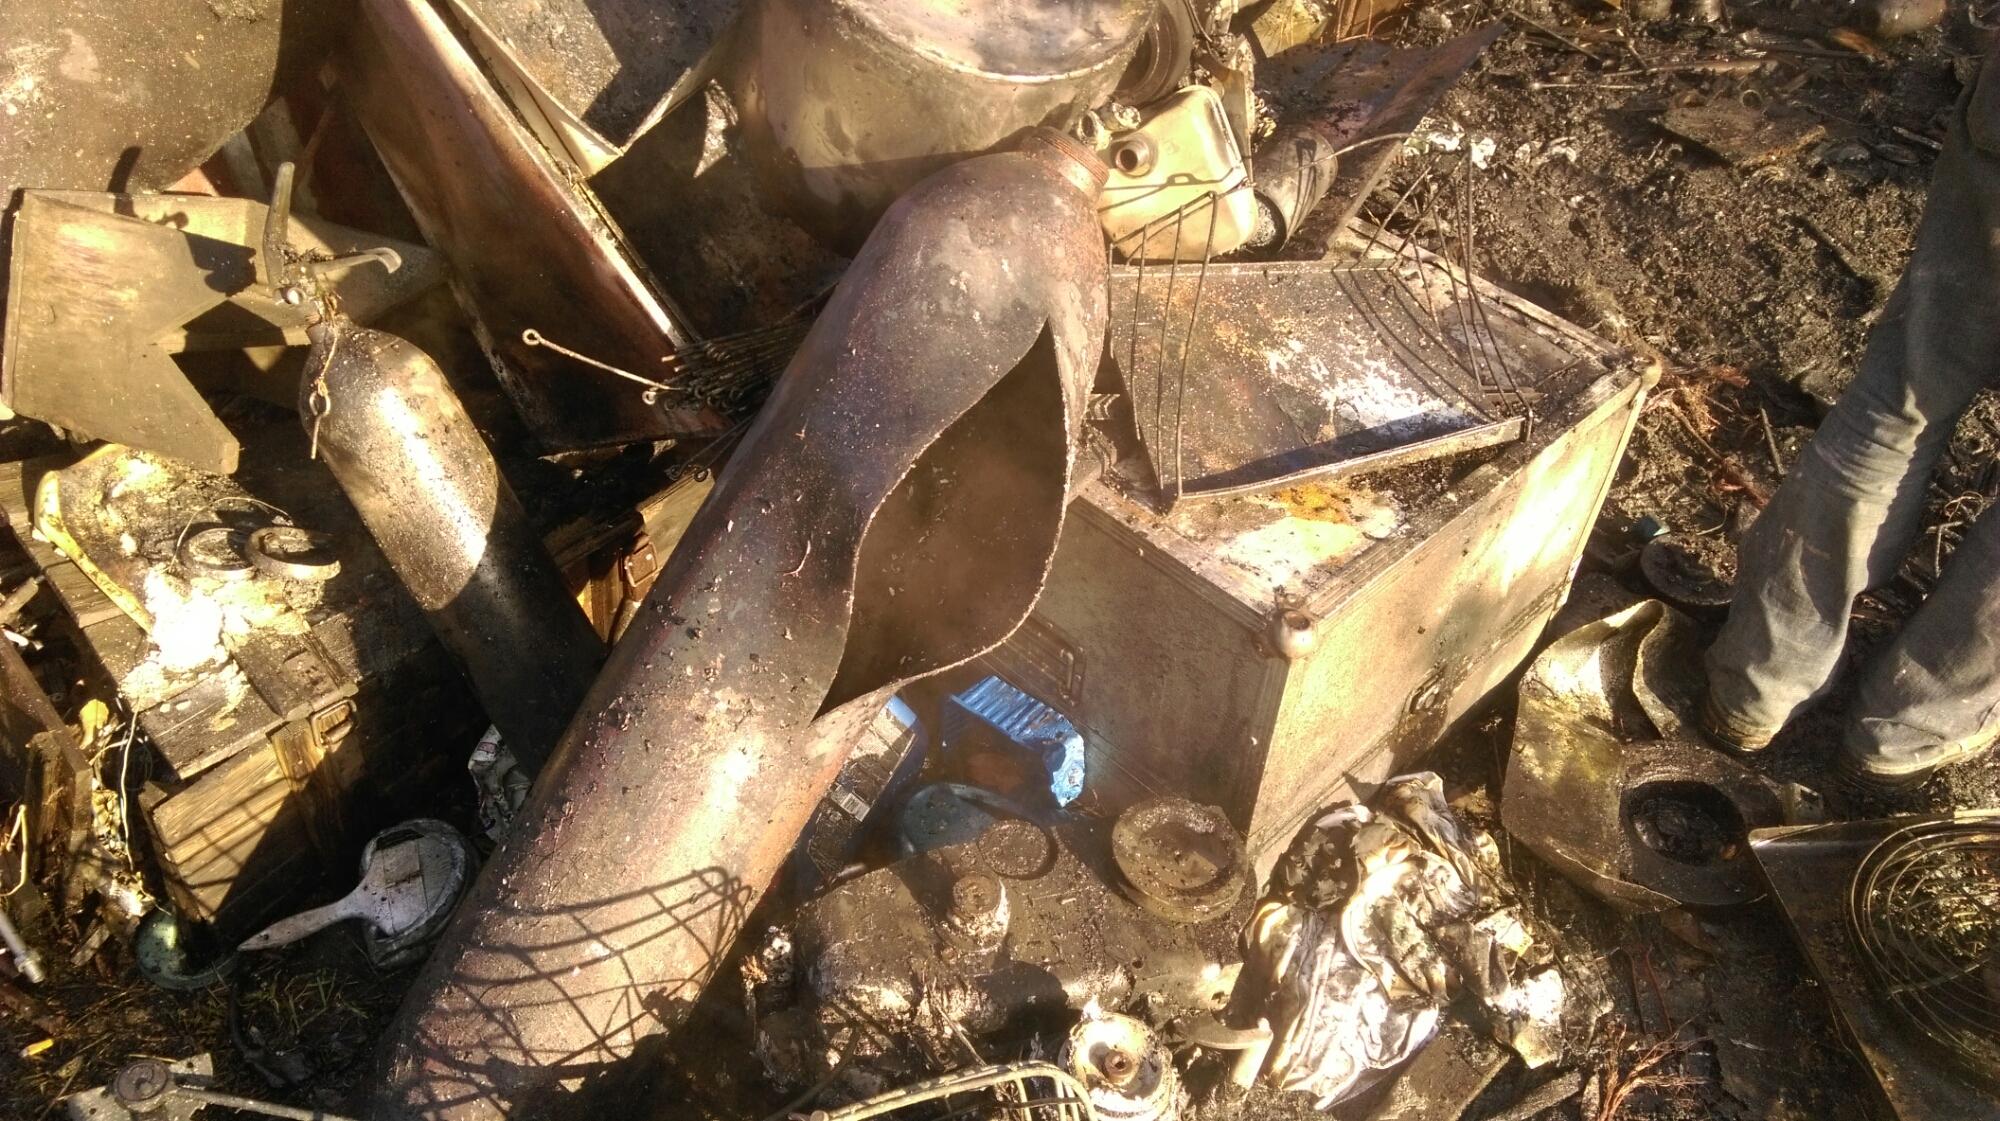 Pożar budynku gospodarczego ul. Okrzei Blizne Jasińskiego